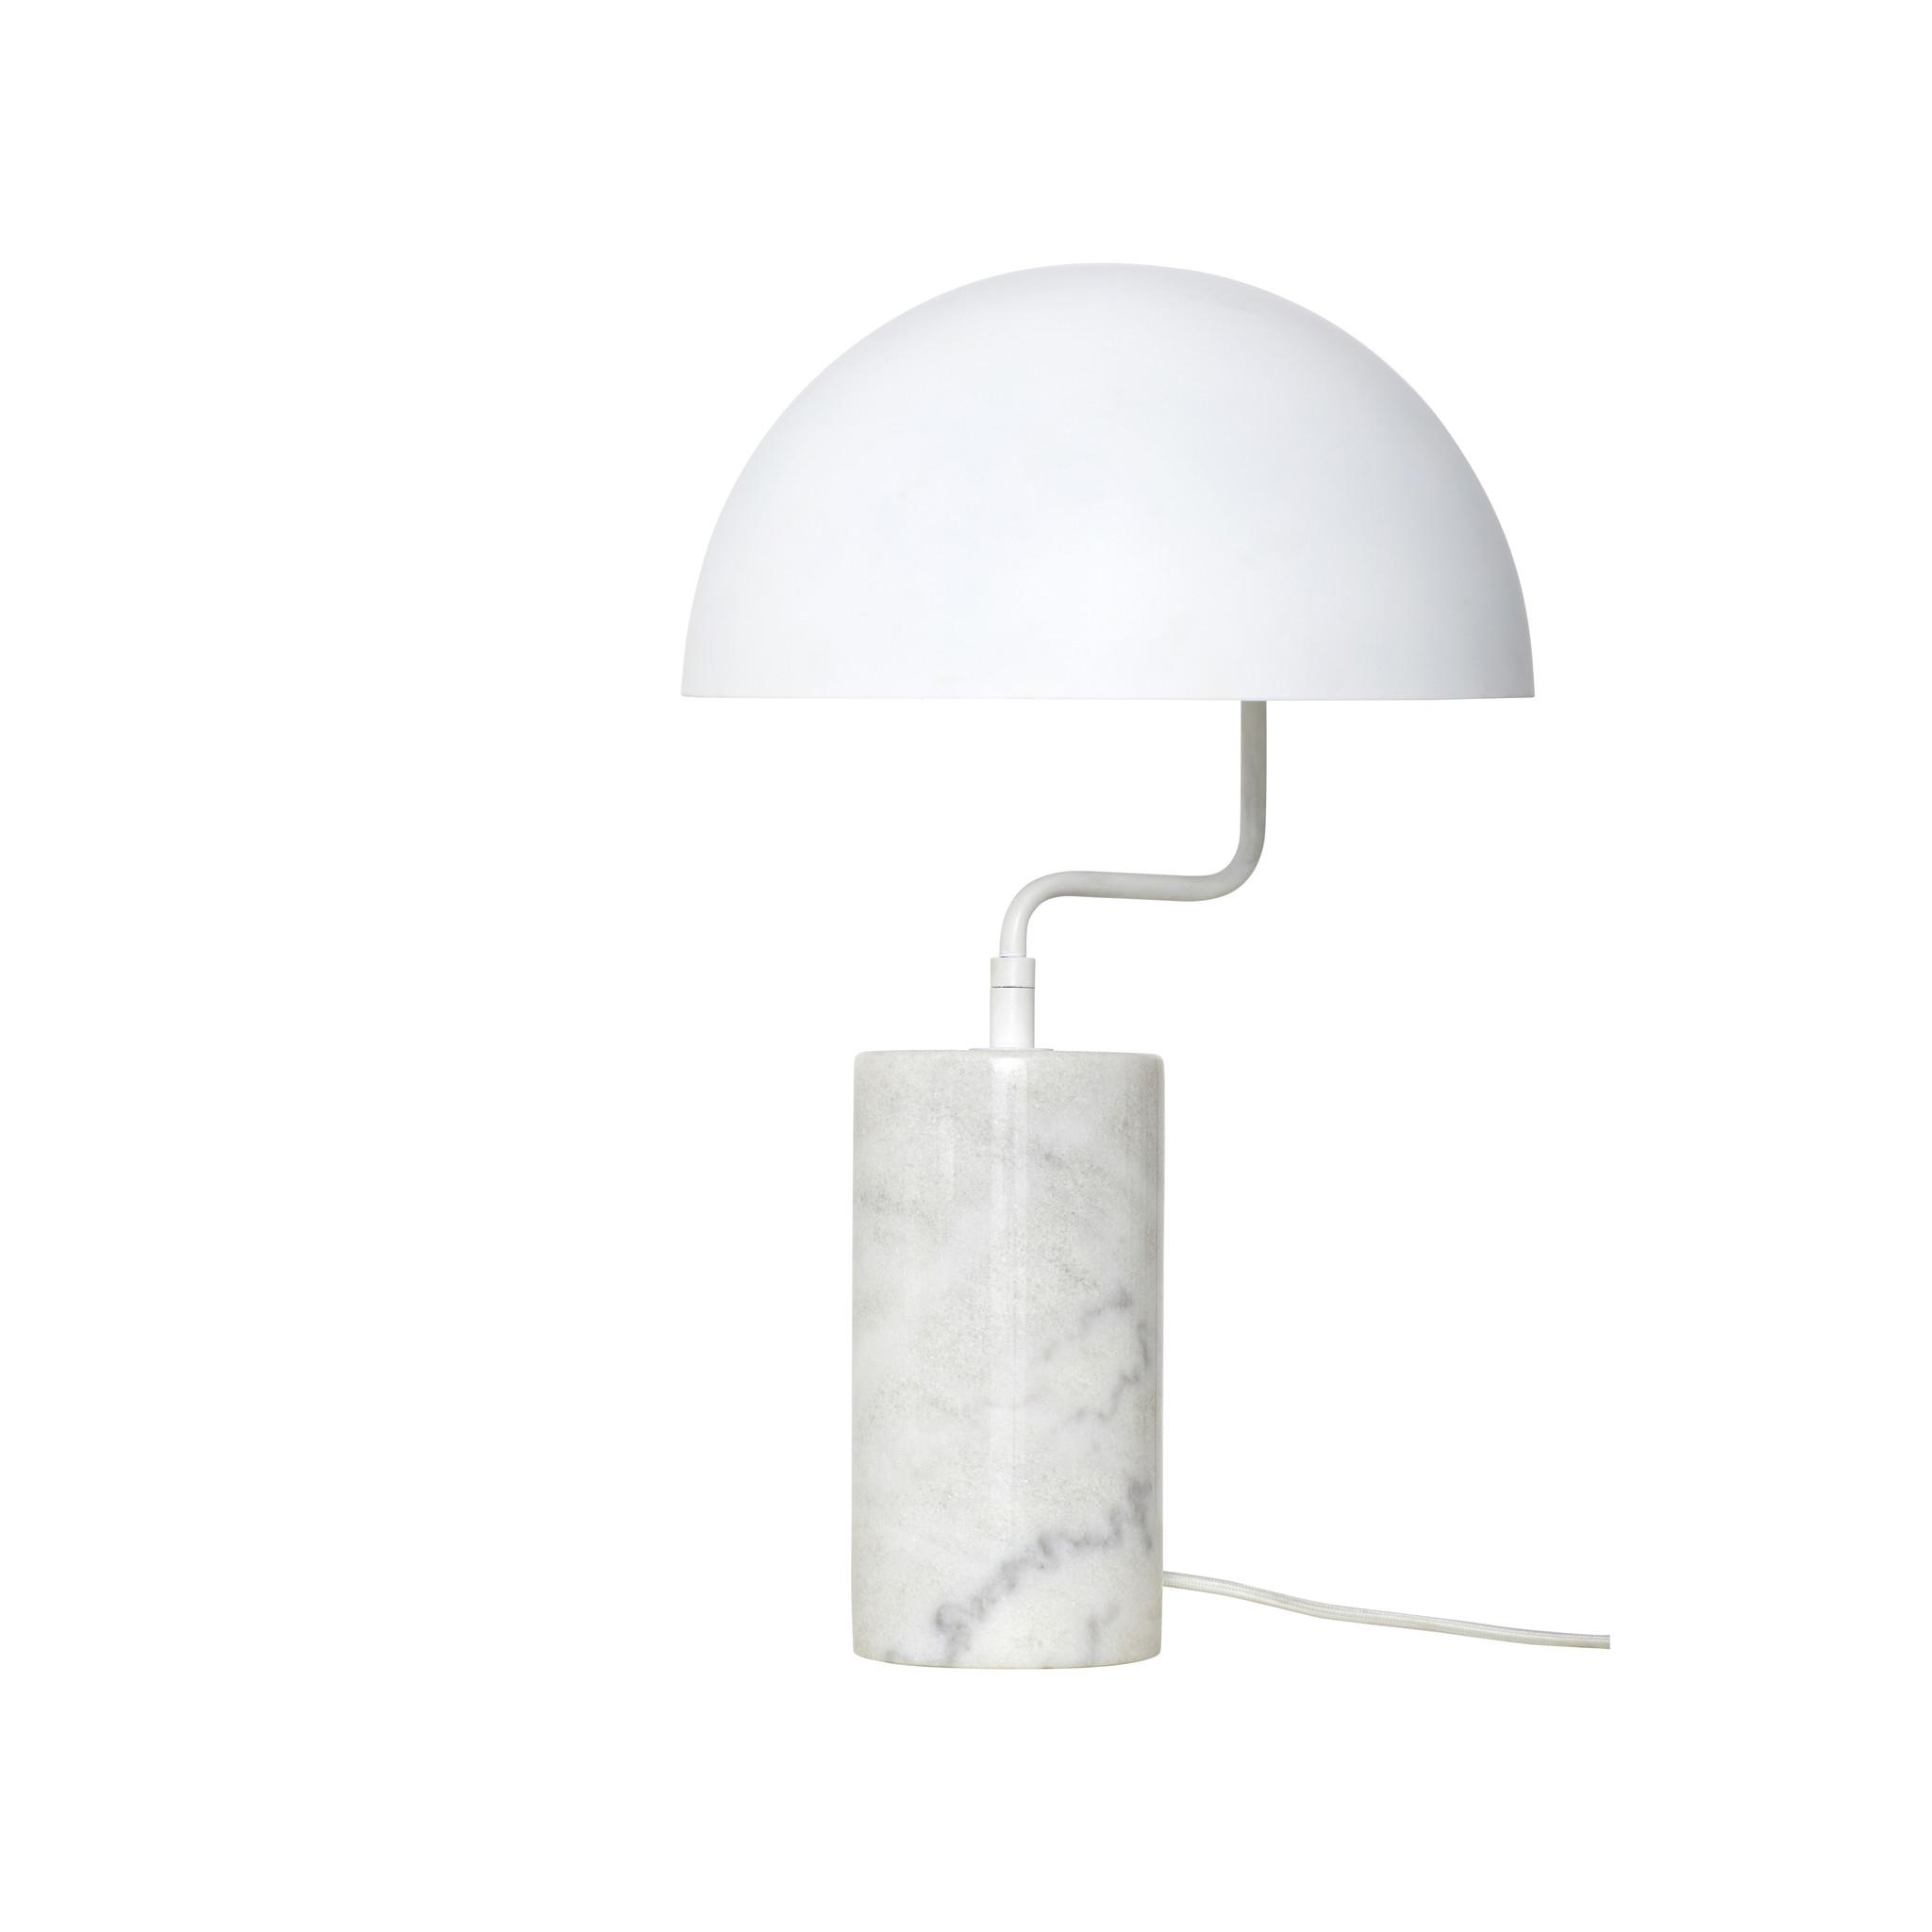 Hubsch Tafellamp, wit, metaal / marmer-990719-5712772067314